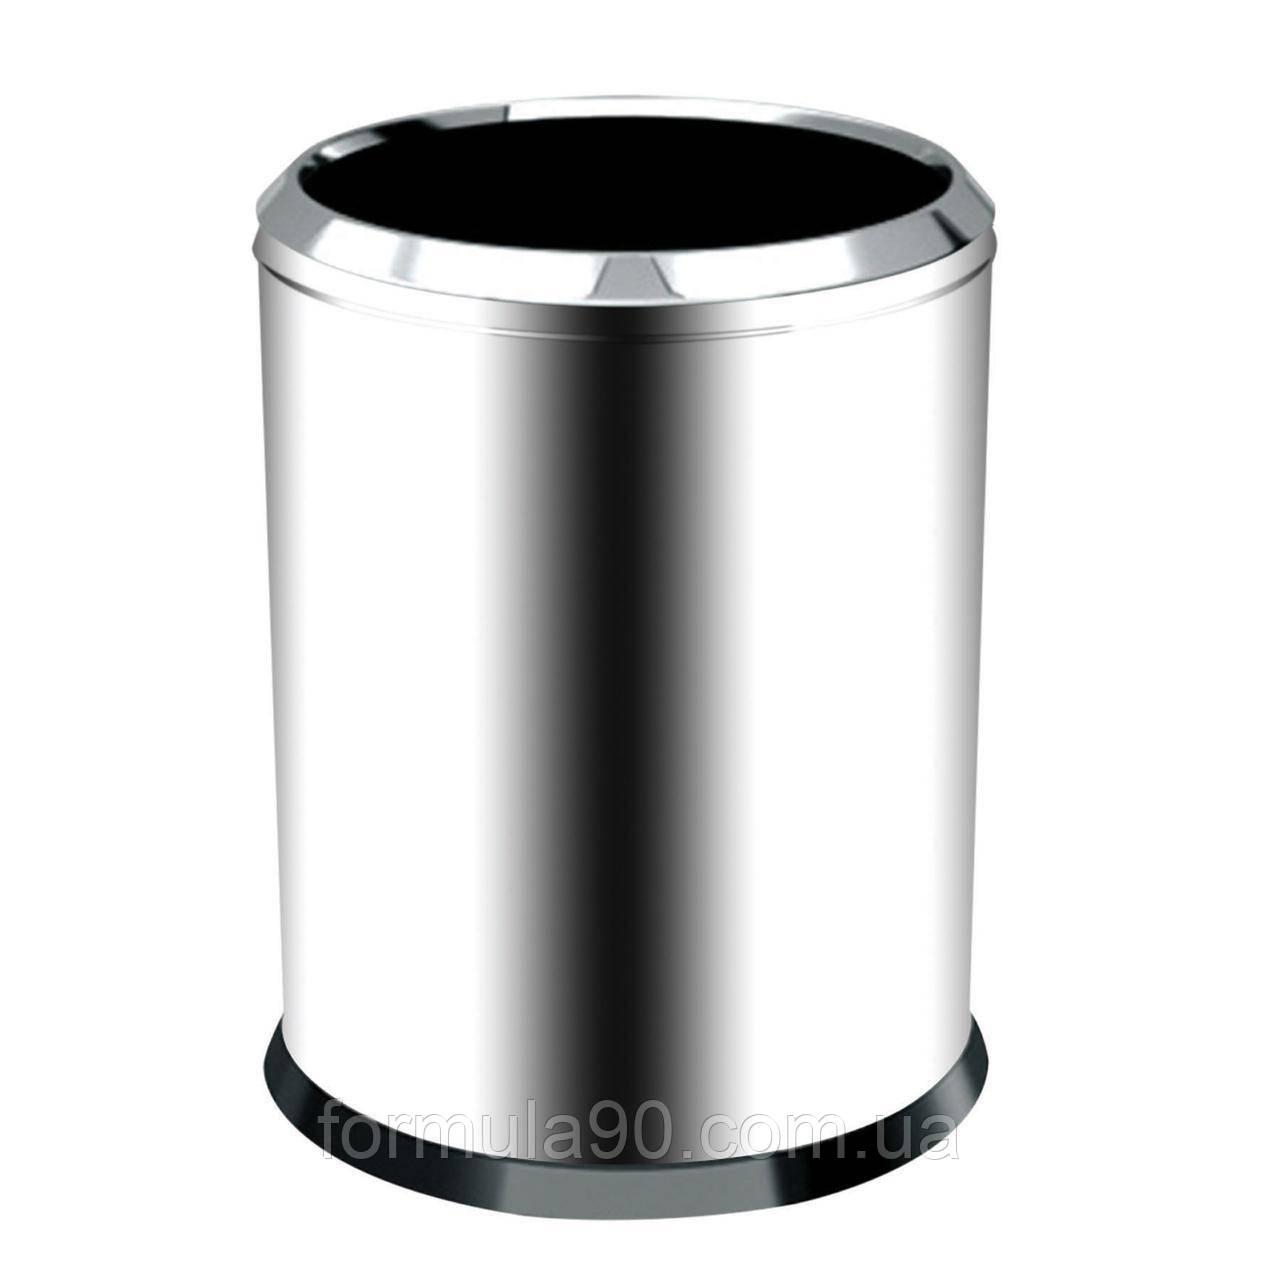 Хромированная мусорная корзина 32 л.